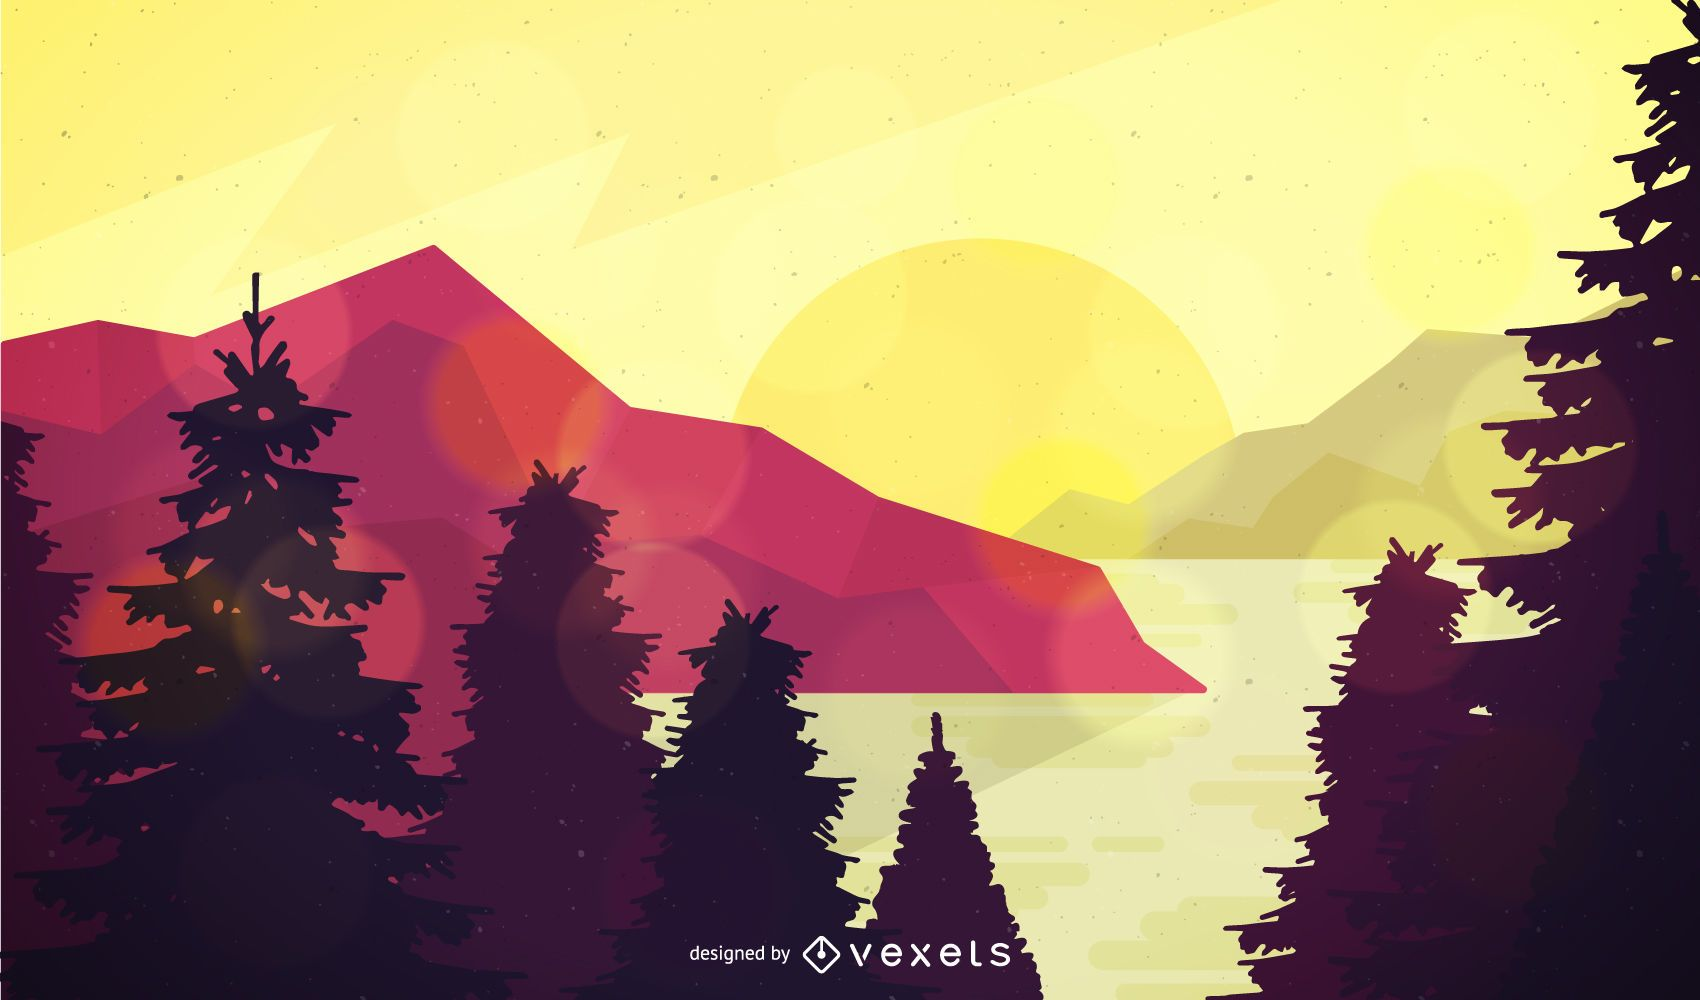 Flat forest landscape illustration